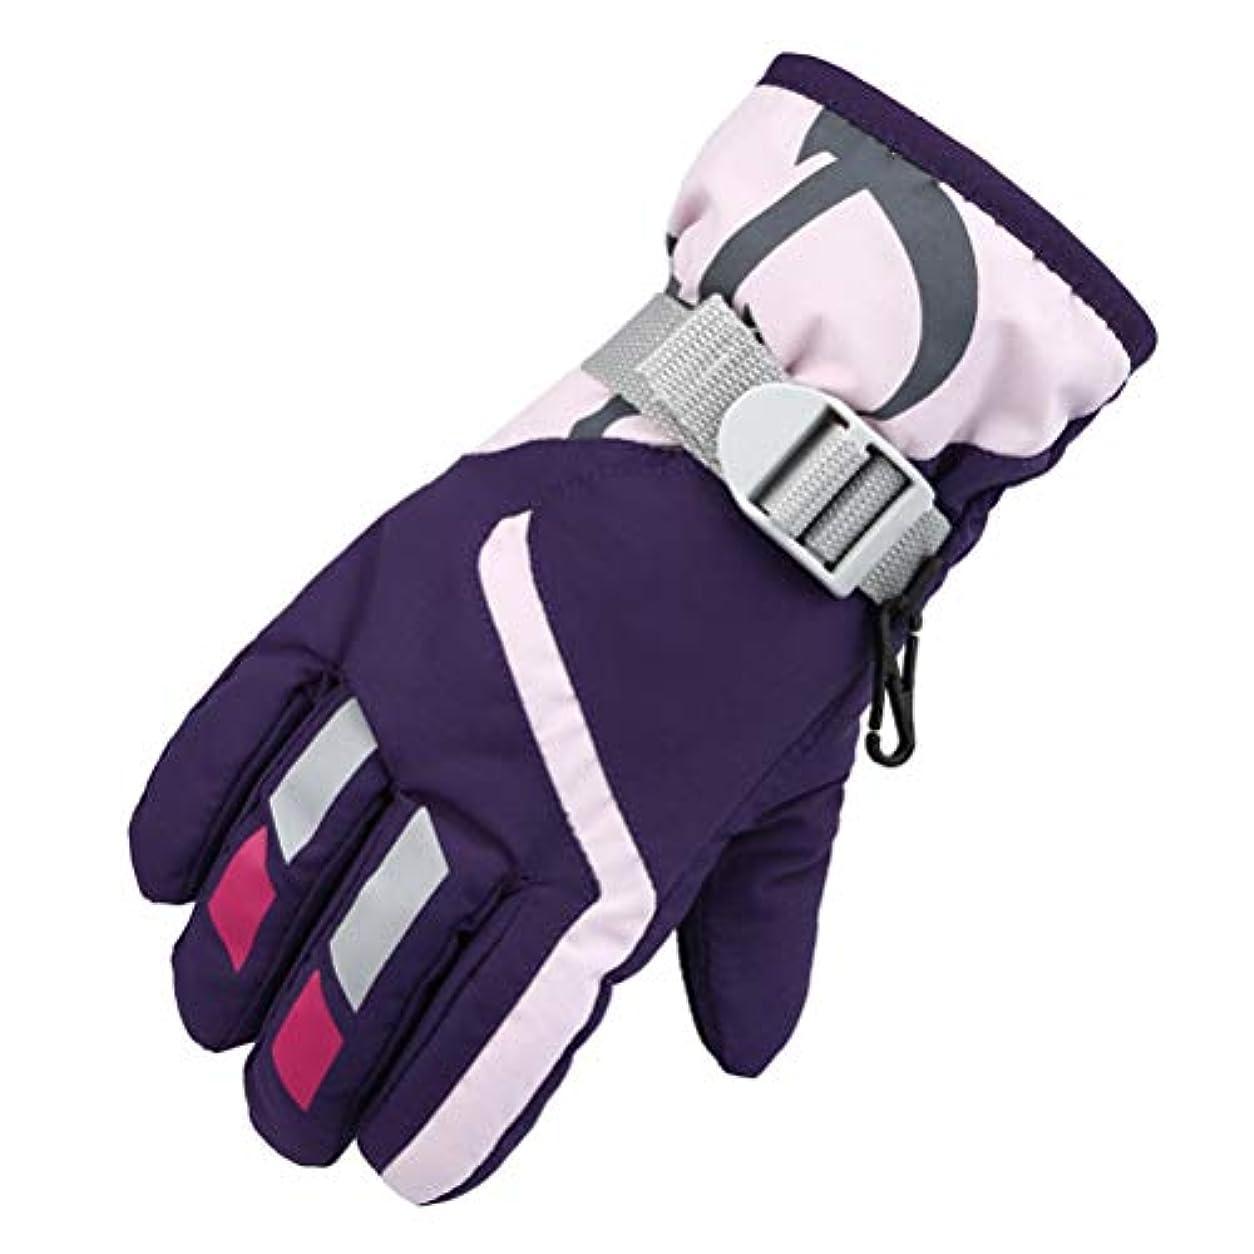 定常シャームスタチオTAIPPAN 子供用スキー手袋冬は、暖かい手袋調節可能な耐寒性手袋厚く防寒グローブ 保温 冬 厚手 革 防寒 スポーツグローブ